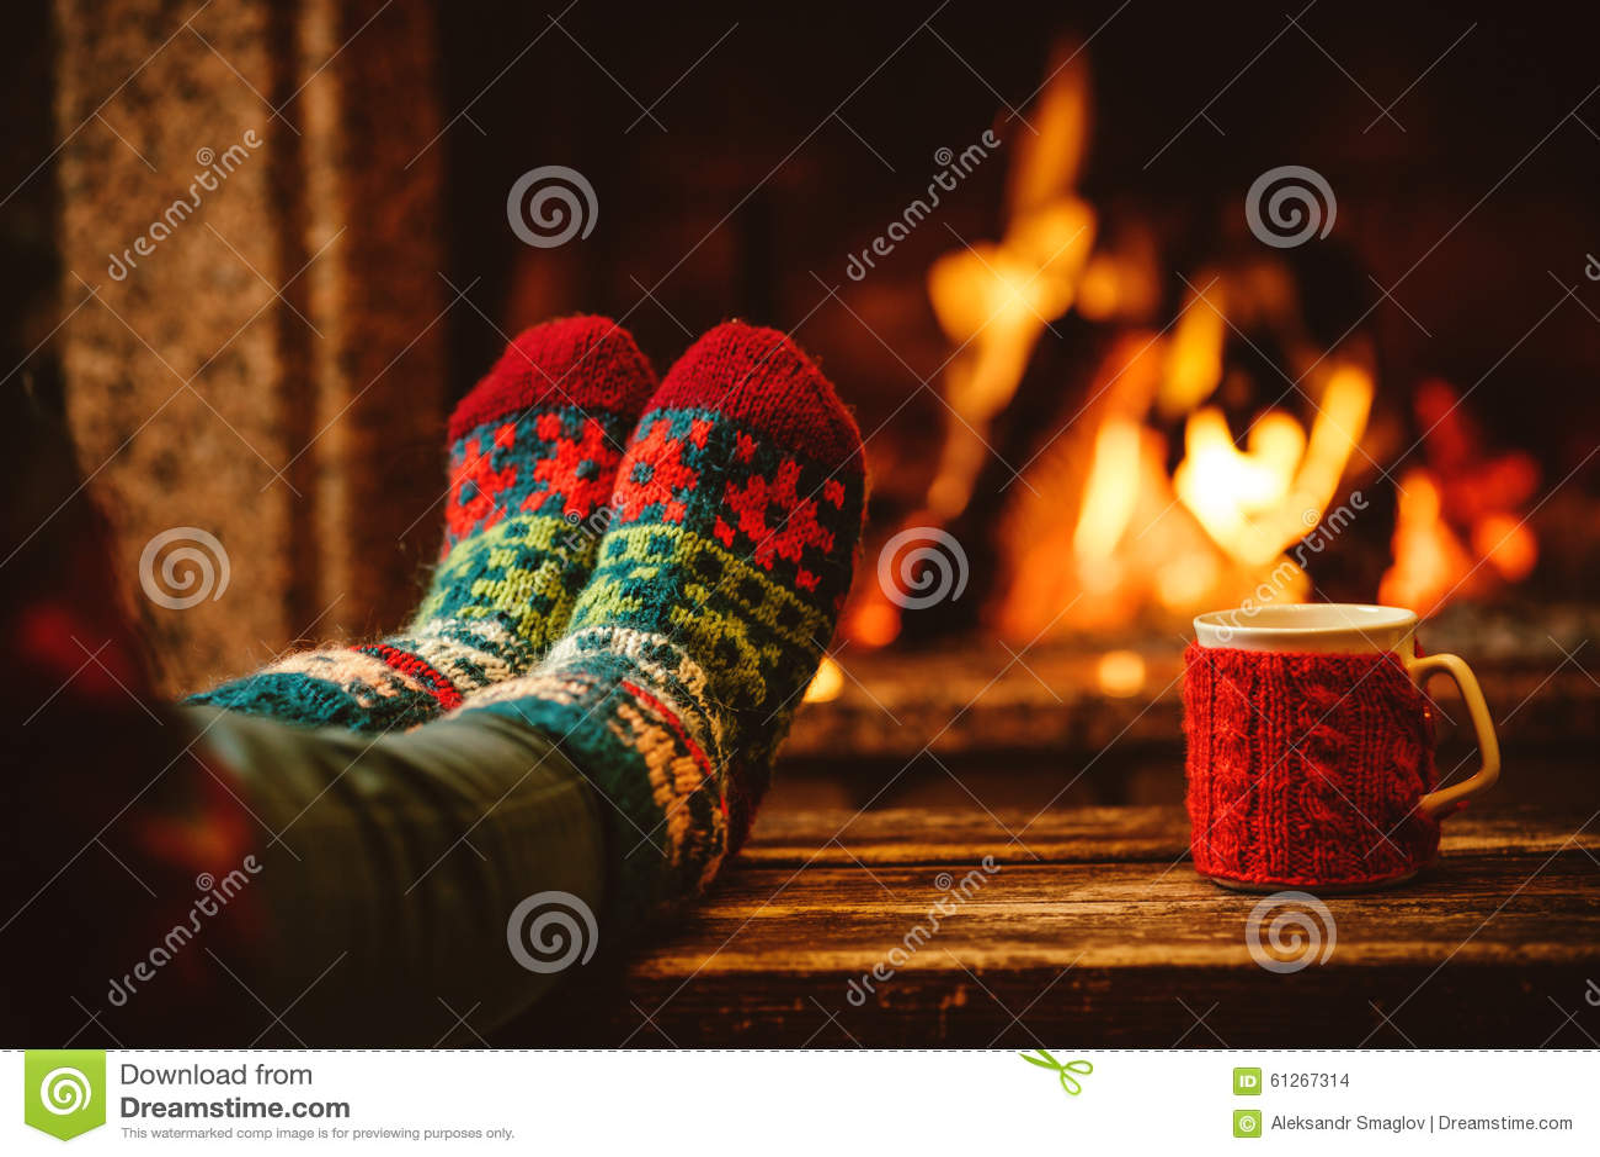 Πόδια στις μάλλινες κάλτσες από την εστία Χριστουγέννων χαλαρώνει τη γυναίκα